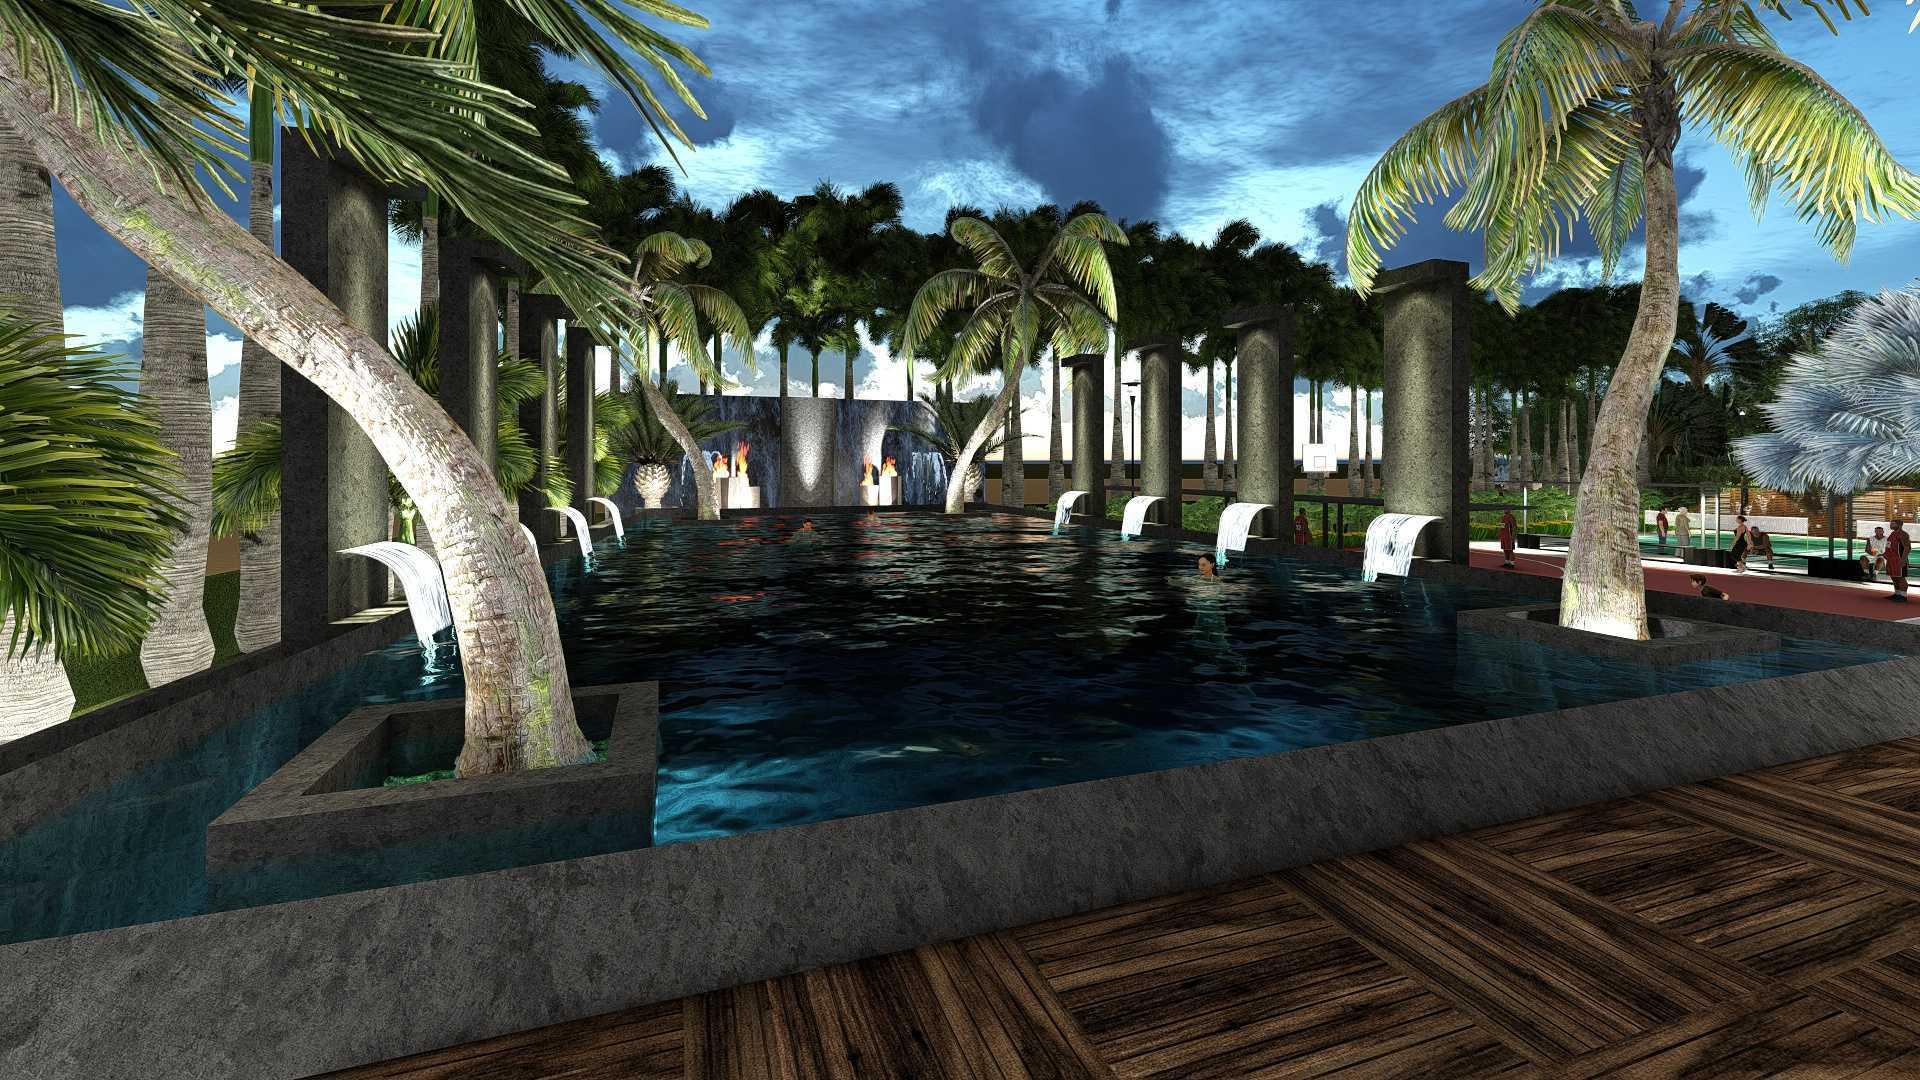 Samitrayasa Design Sport Club Limo Limo, Kota Depok, Jawa Barat, Indonesia Limo, Kota Depok, Jawa Barat, Indonesia 323 Modern  32717